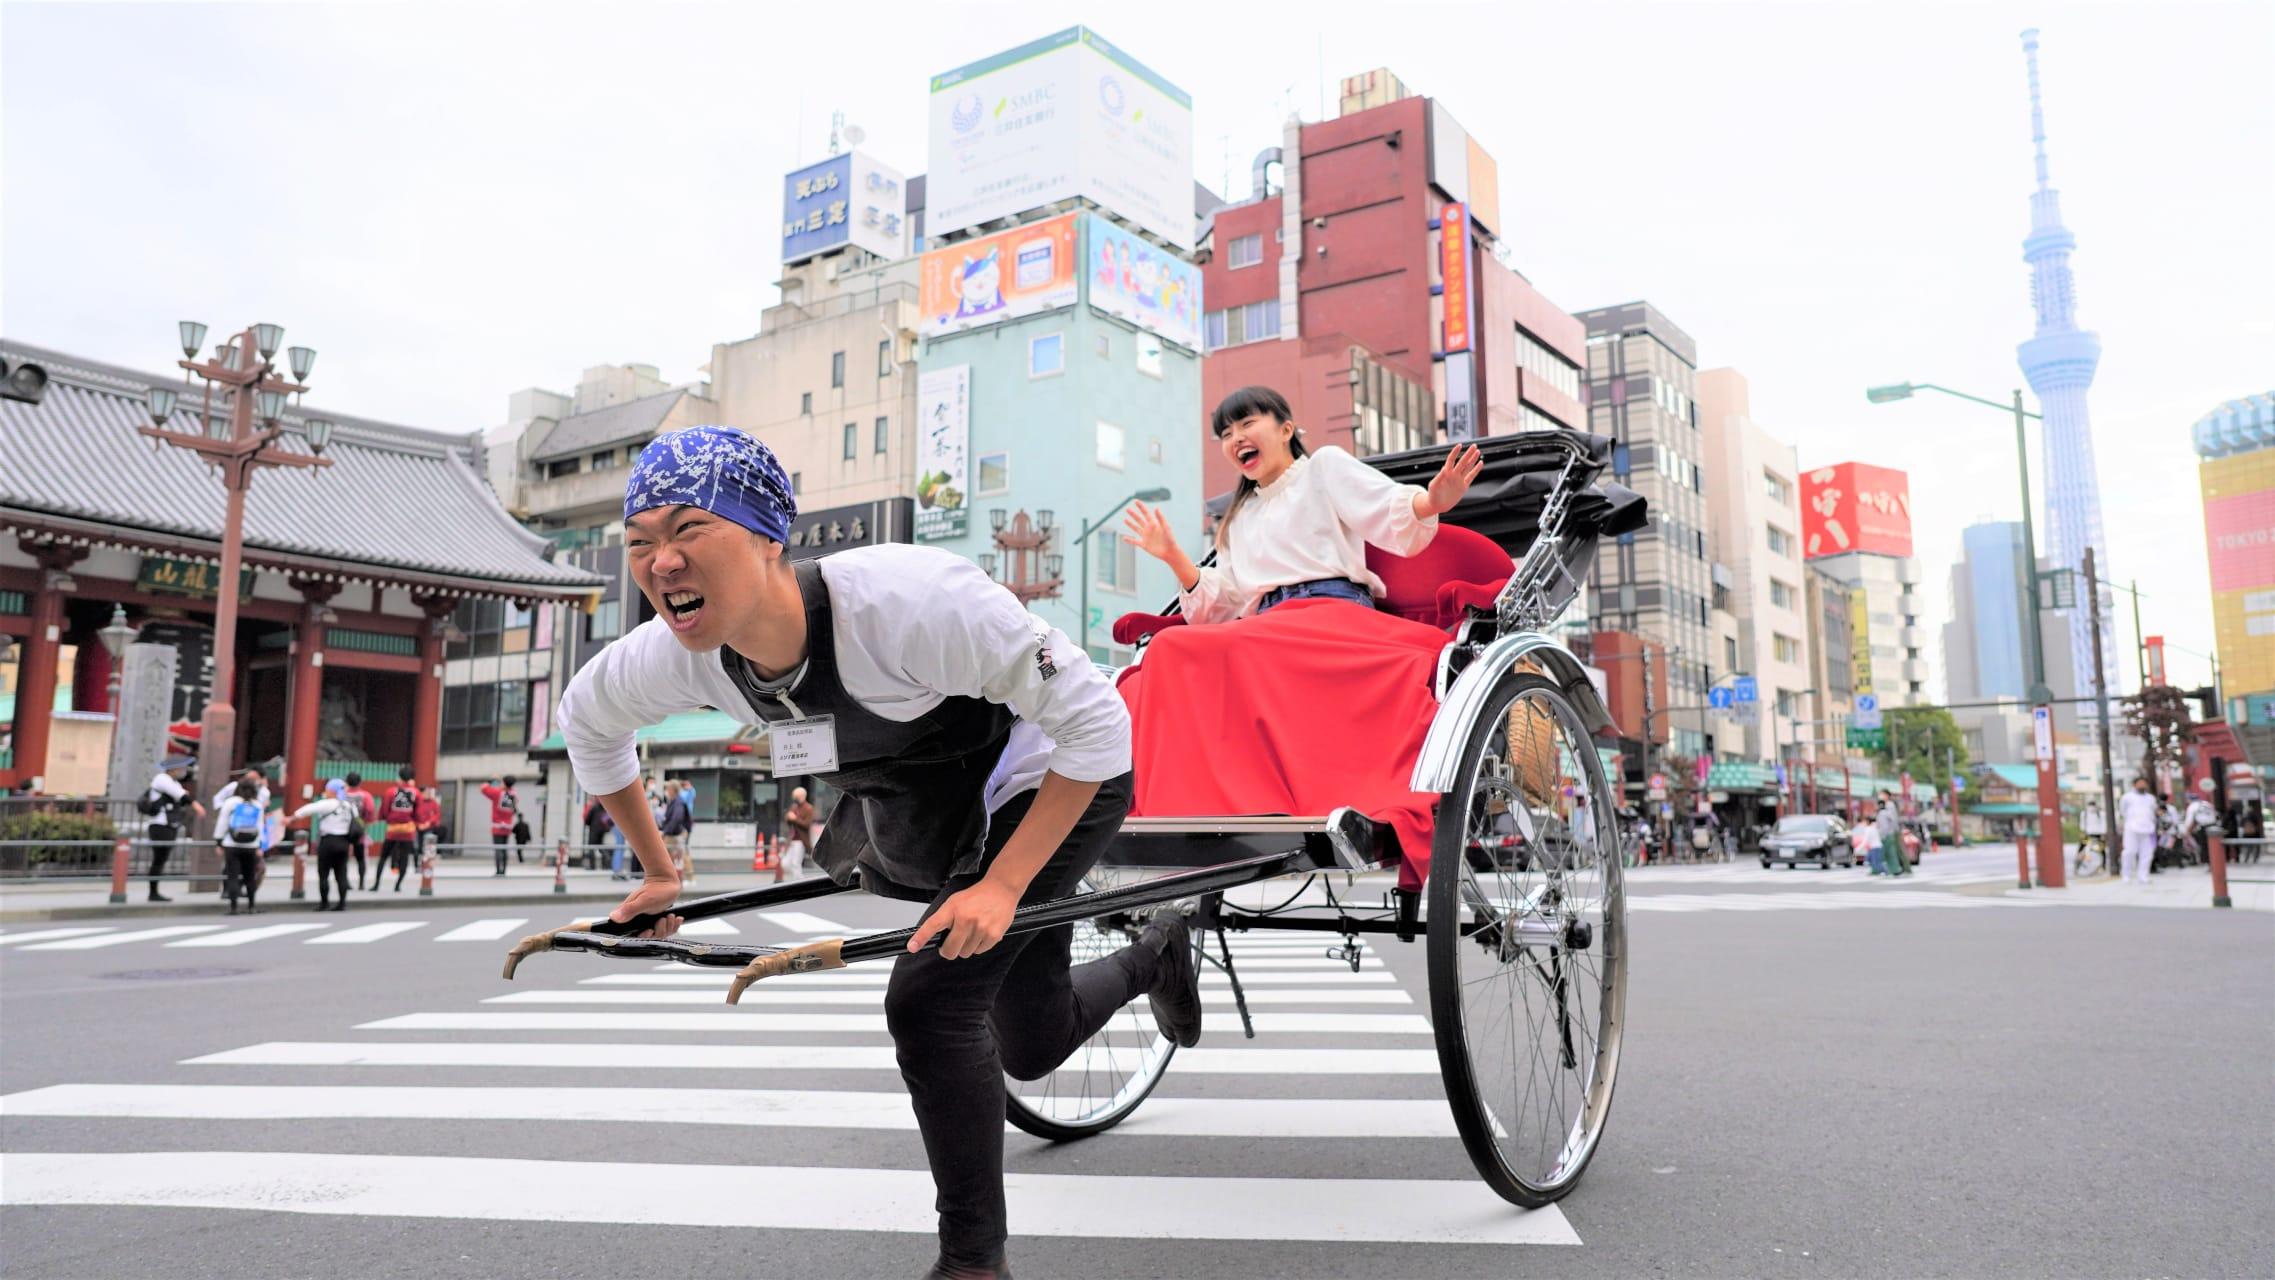 Tokyo - Rickshaw Experience. Running through Tokyo's Asakusa